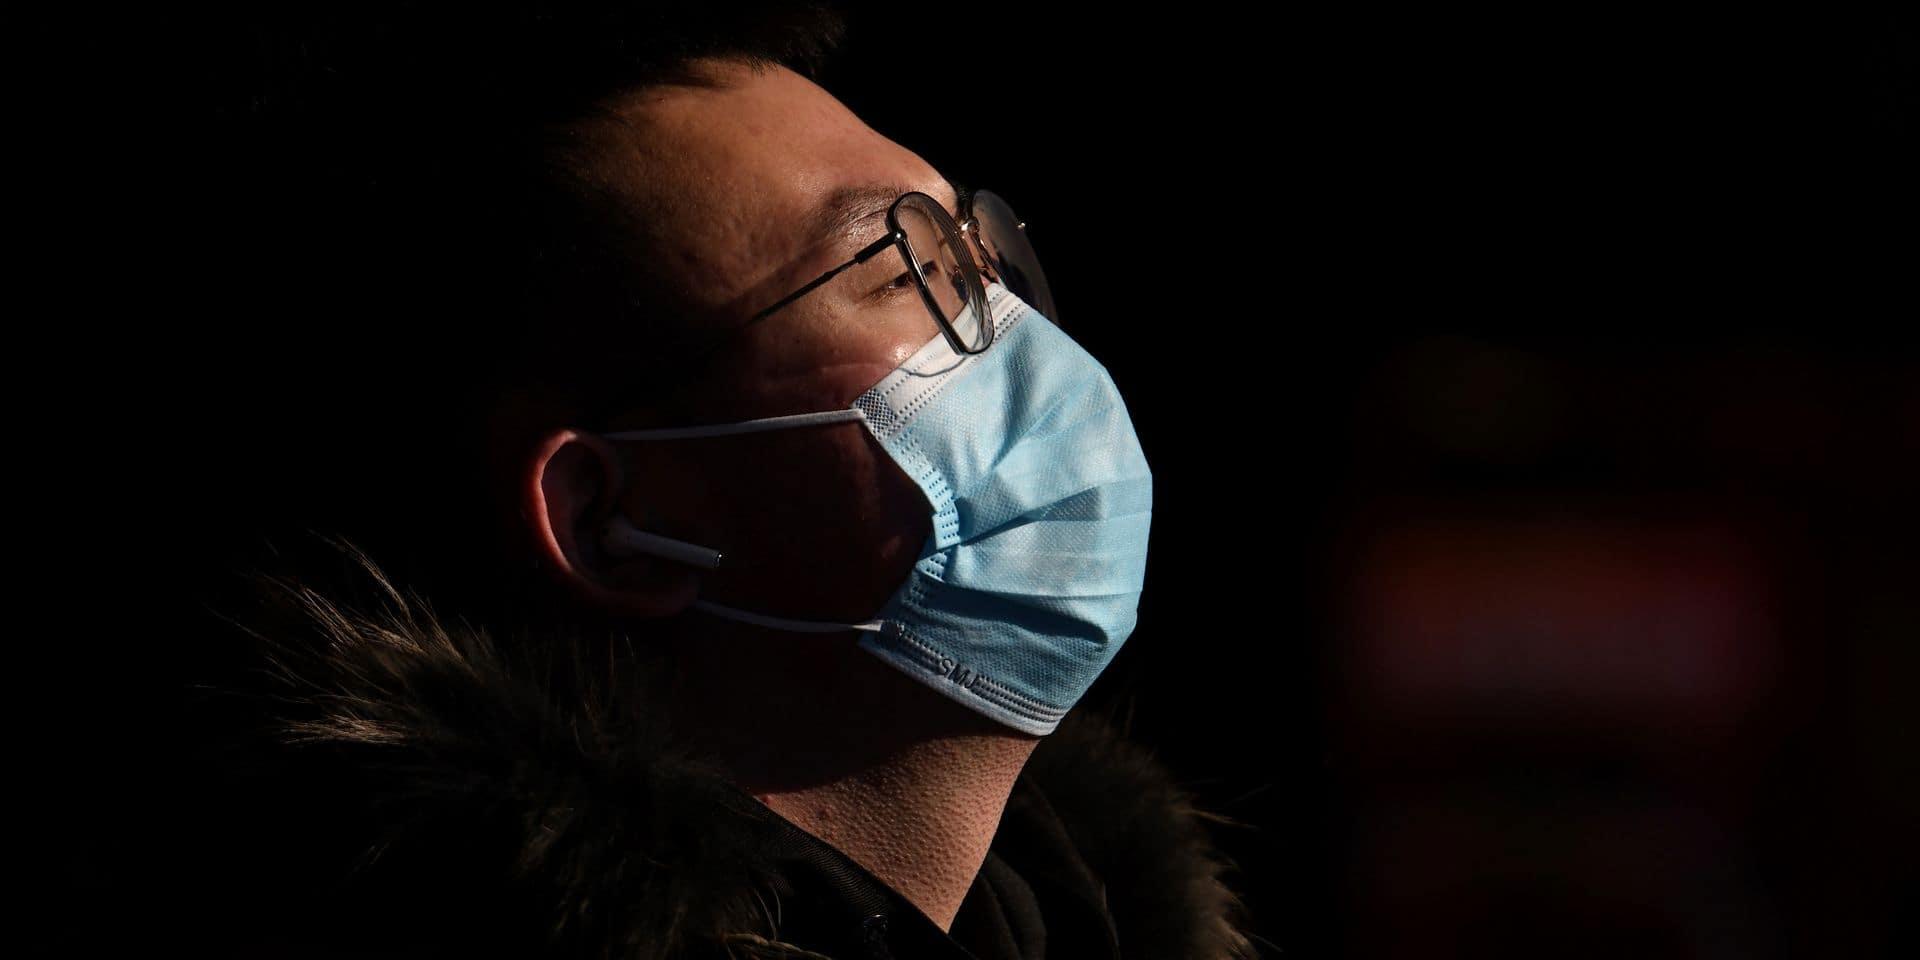 Coronavirus: le bilan monte à 41 morts et 1.300 contaminations en Chine